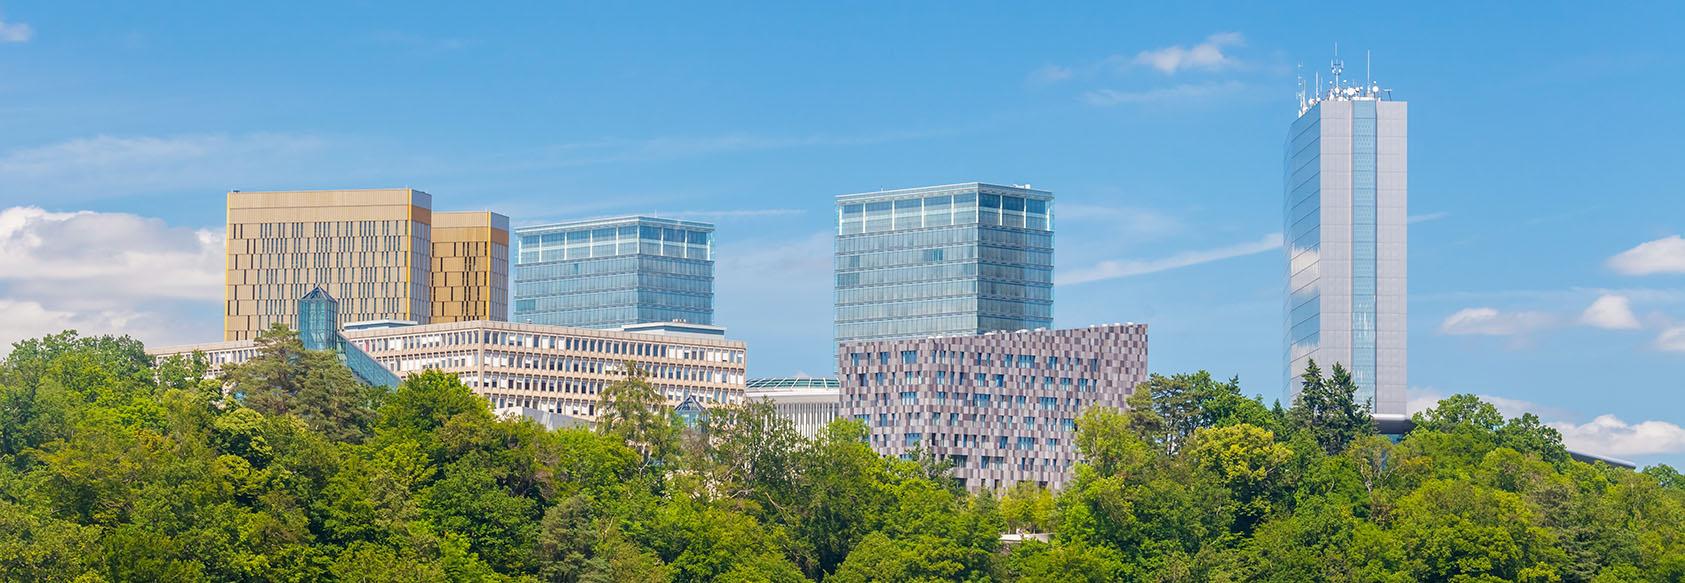 Luxembourgi épületek, köztük az a három, ahol az Európai Parlament fordítói is dolgoznak